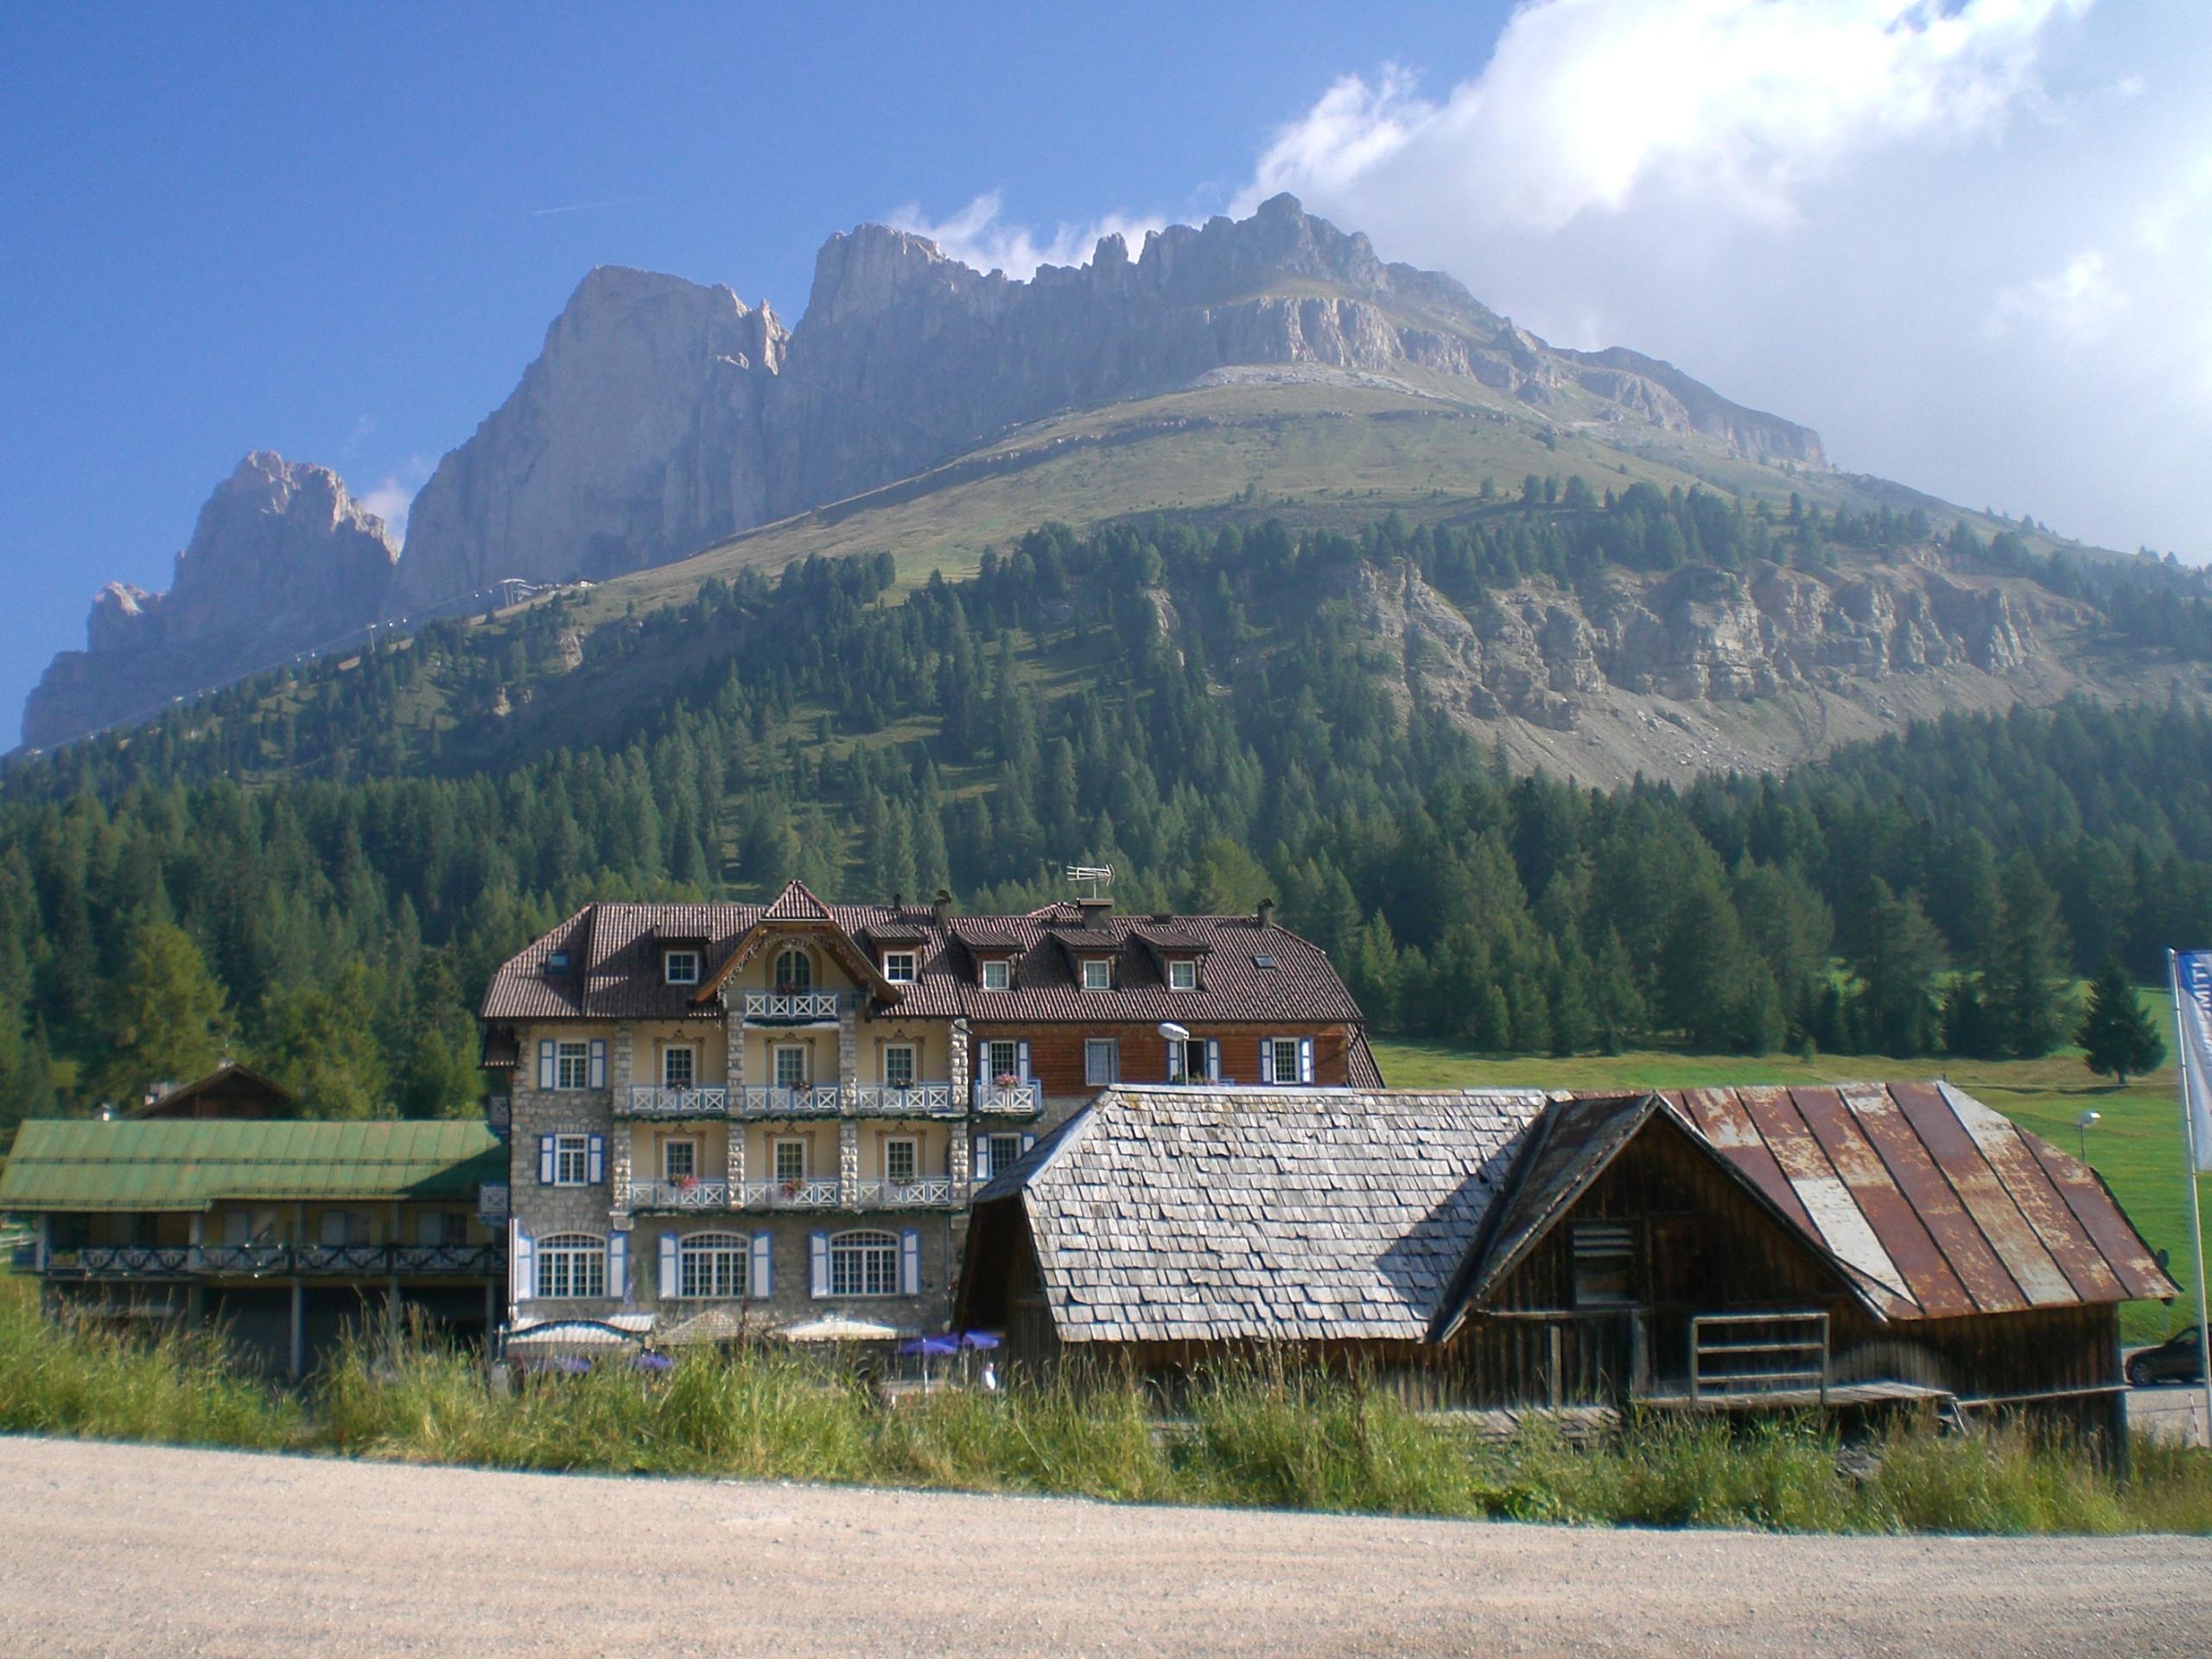 Klettersteig Rotwand : Klettersteigrunde in den sextener dolomiten bergsteiger magazin